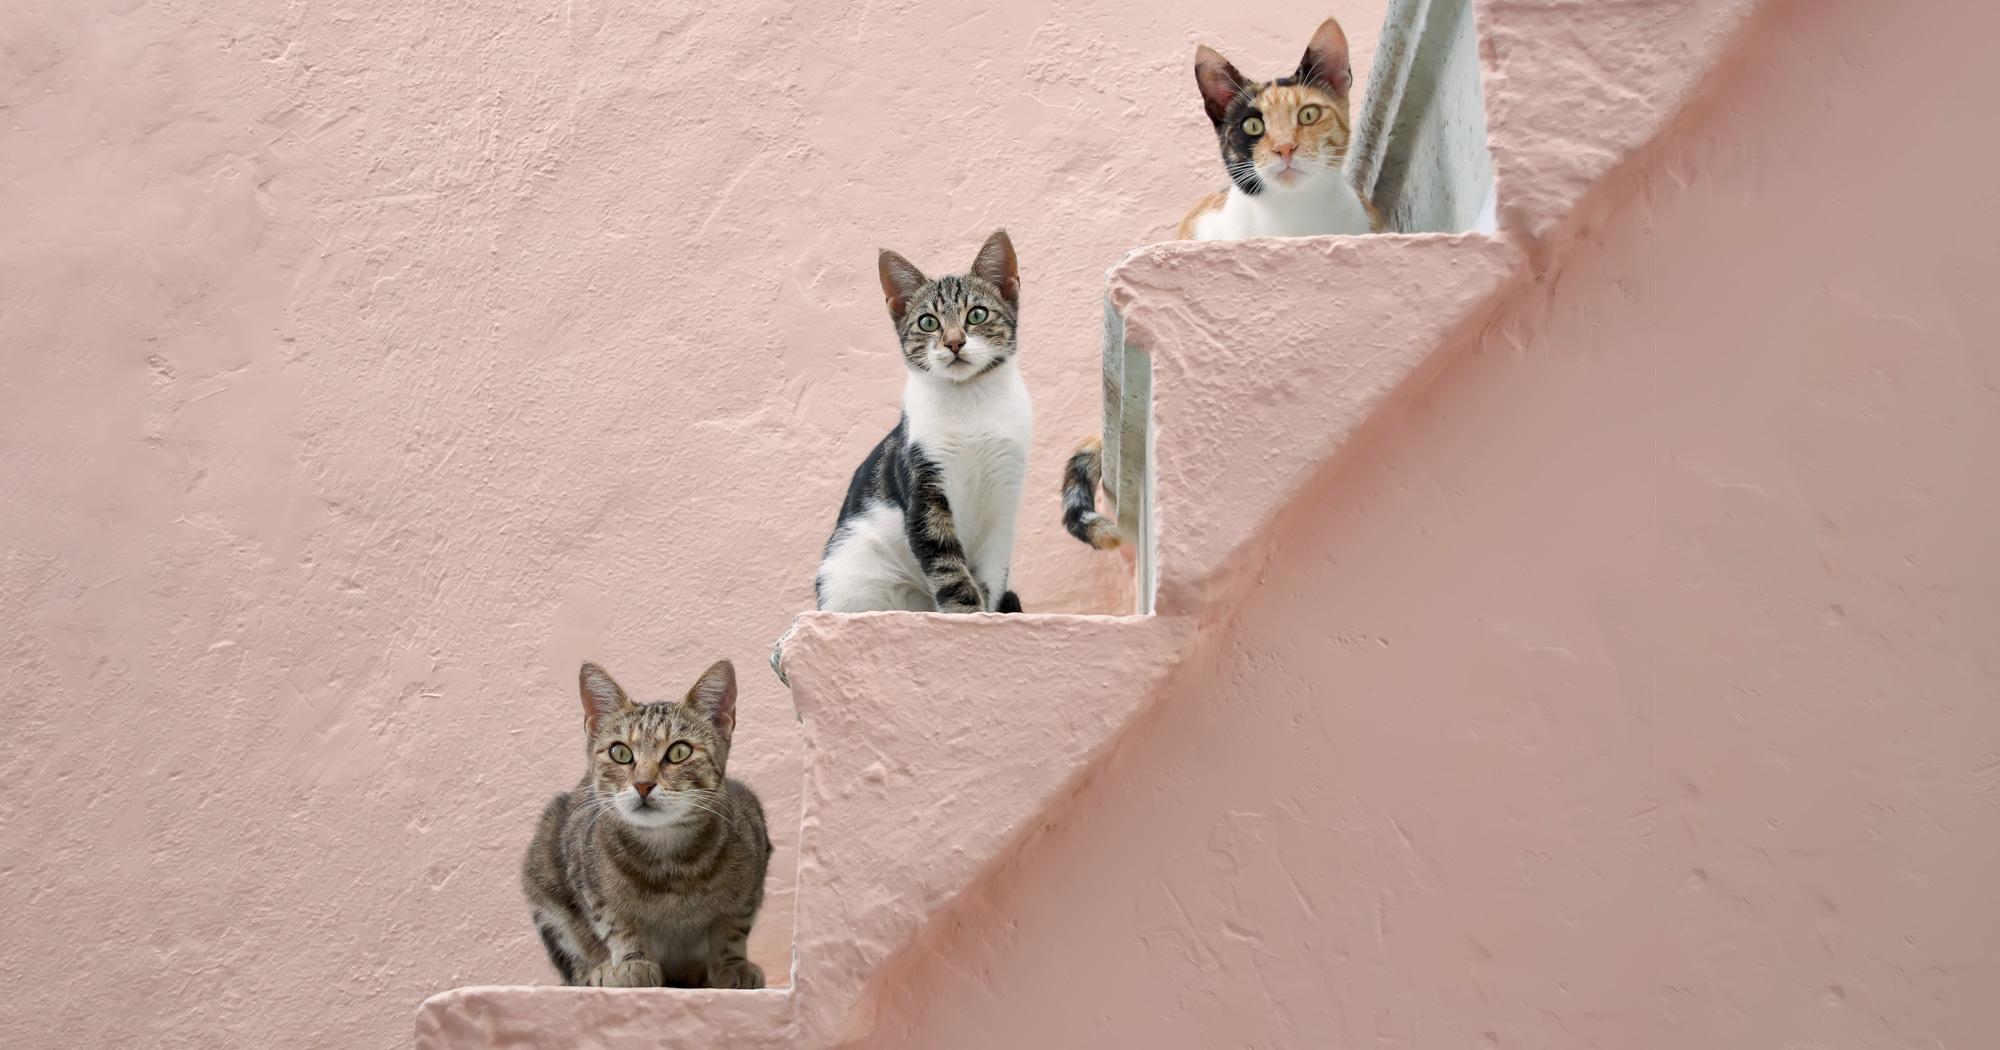 3匹の猫たちと共に歩む、おひとりさまの充実した人生